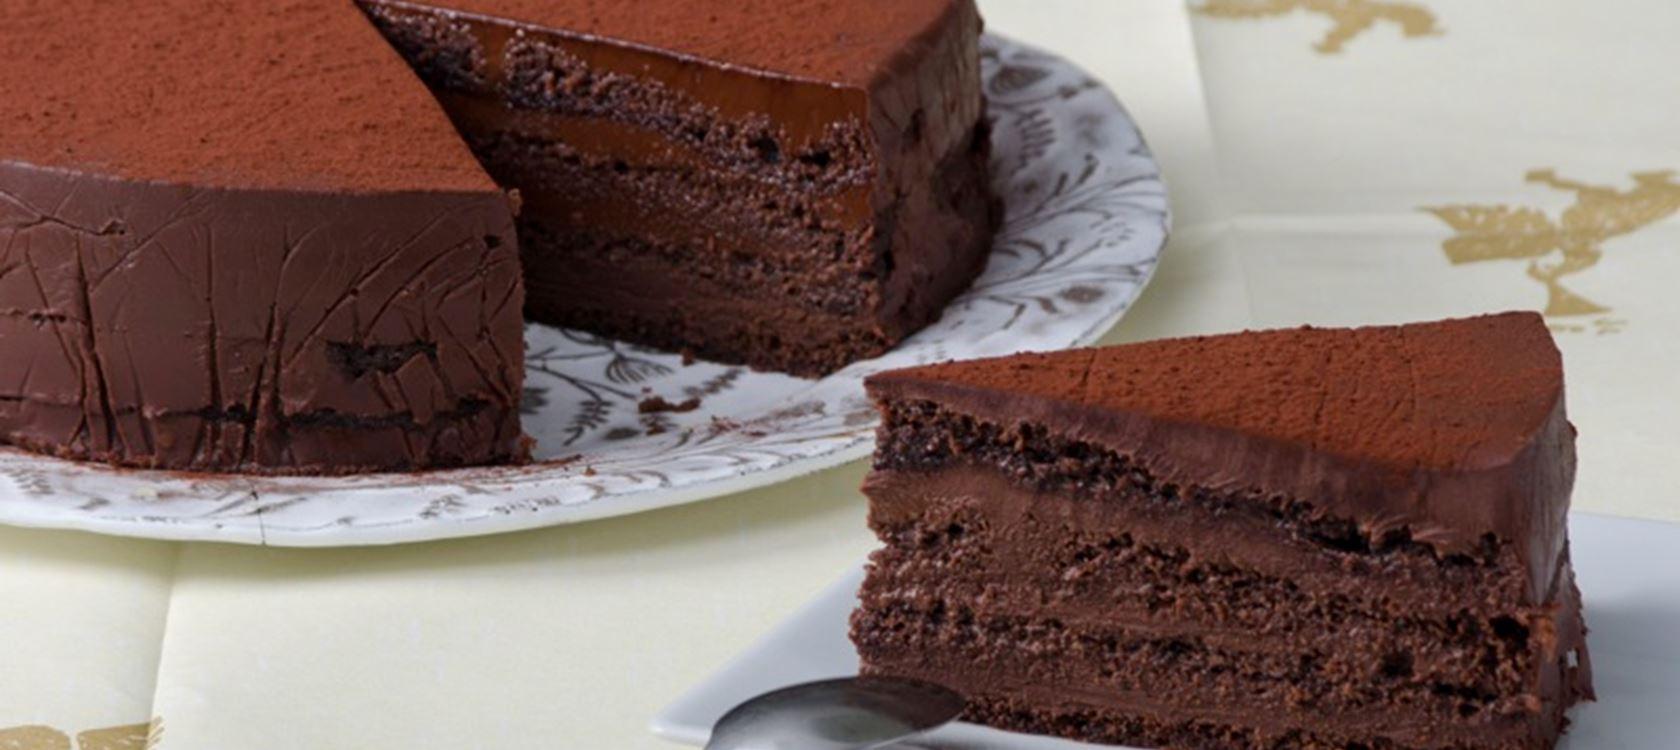 Τούρτα σοκολάτα με ρούμι πασπαλισμένη με κακάο